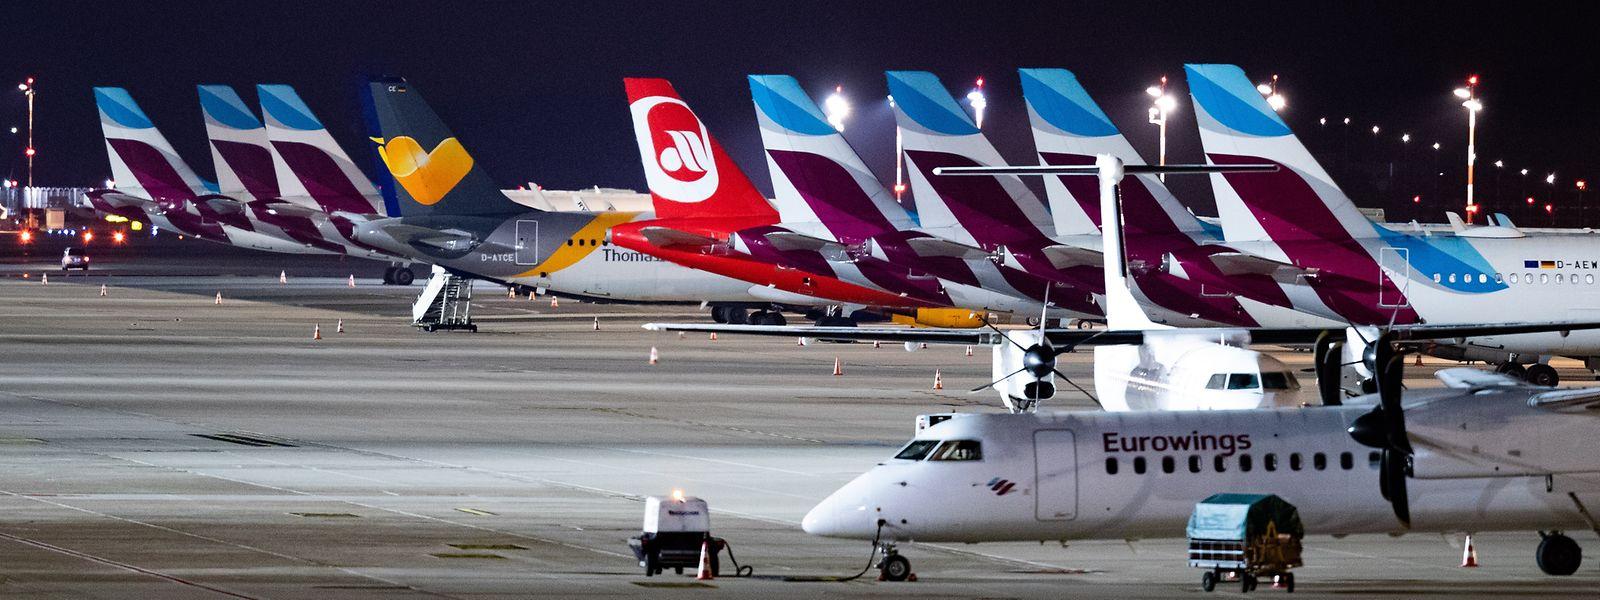 Von dem Streik betroffen sind nach Angaben des Flughafenverbands ADV etwa 111 000 Reisende.